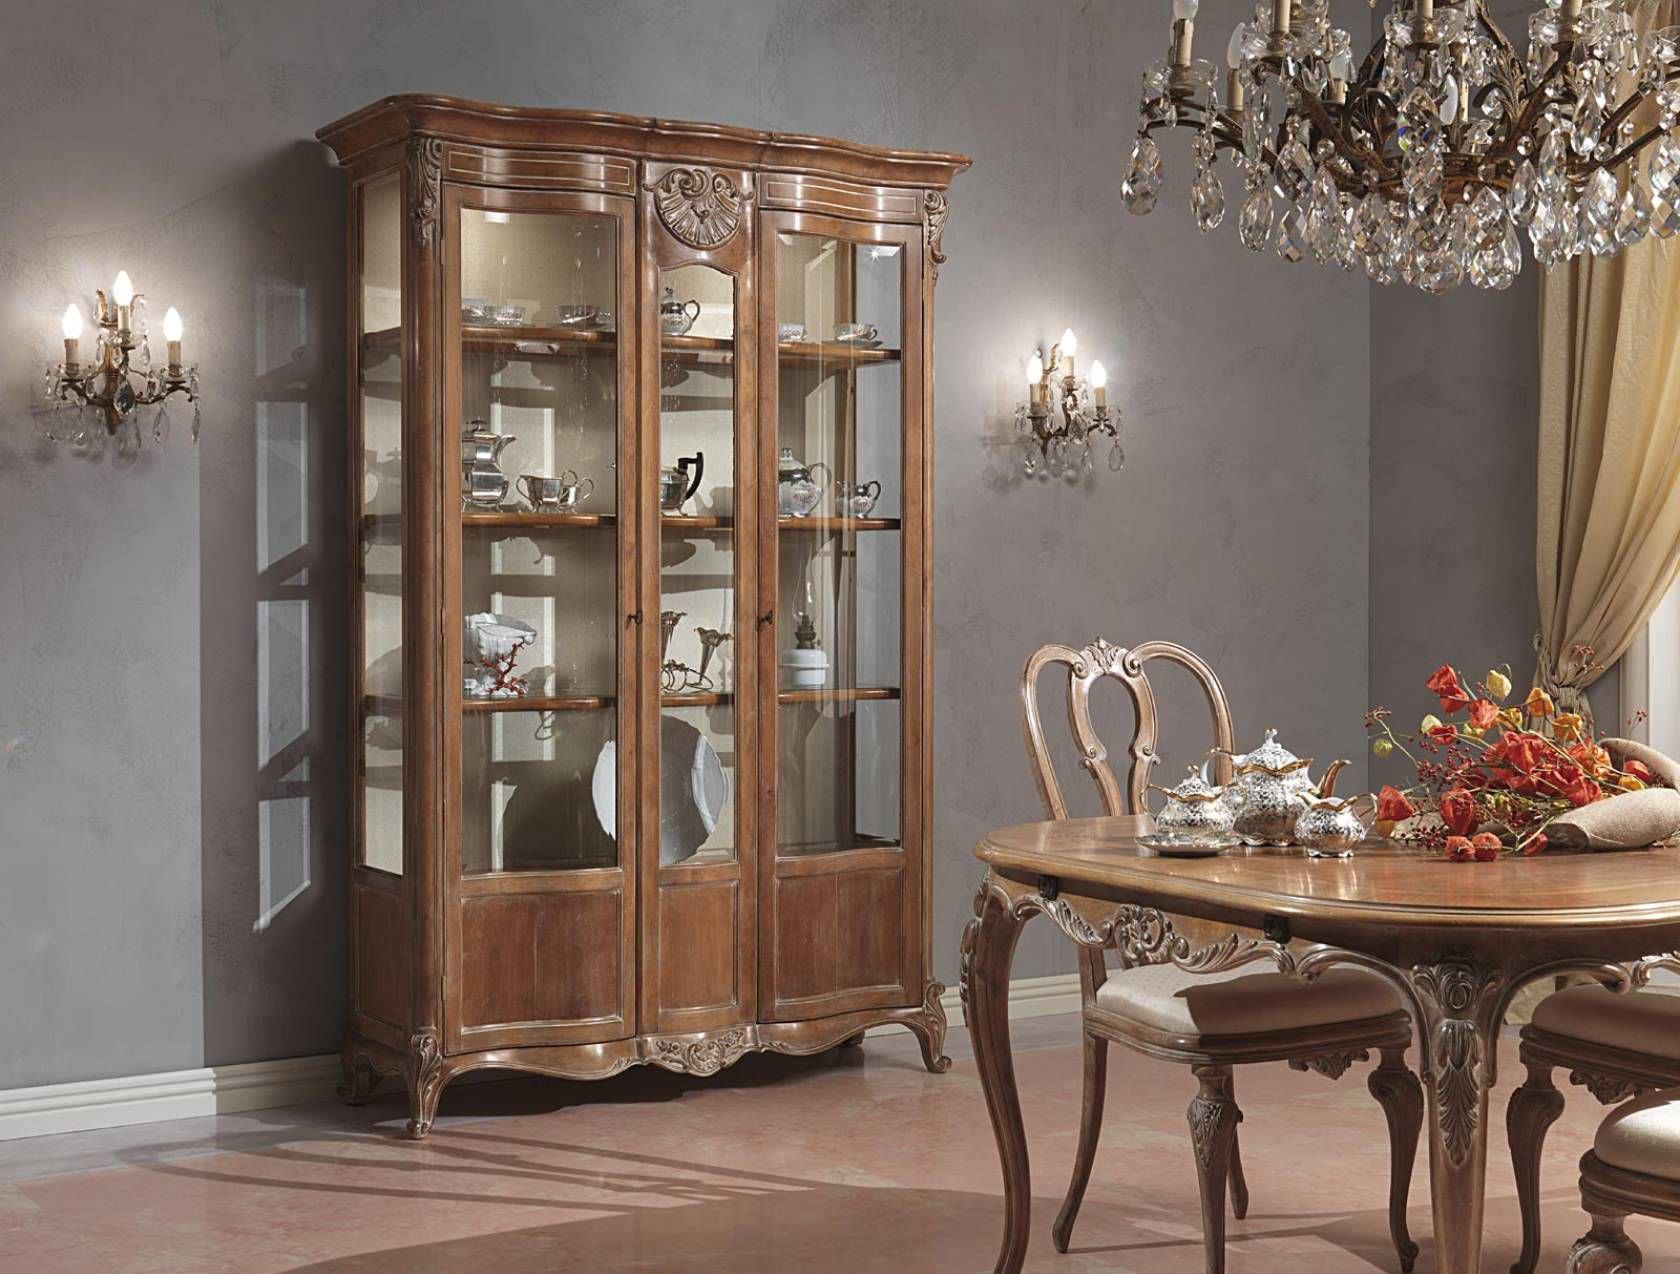 Credenza Con Alzata Classica : Credenza con alzata in stile legno paris vimercati meda